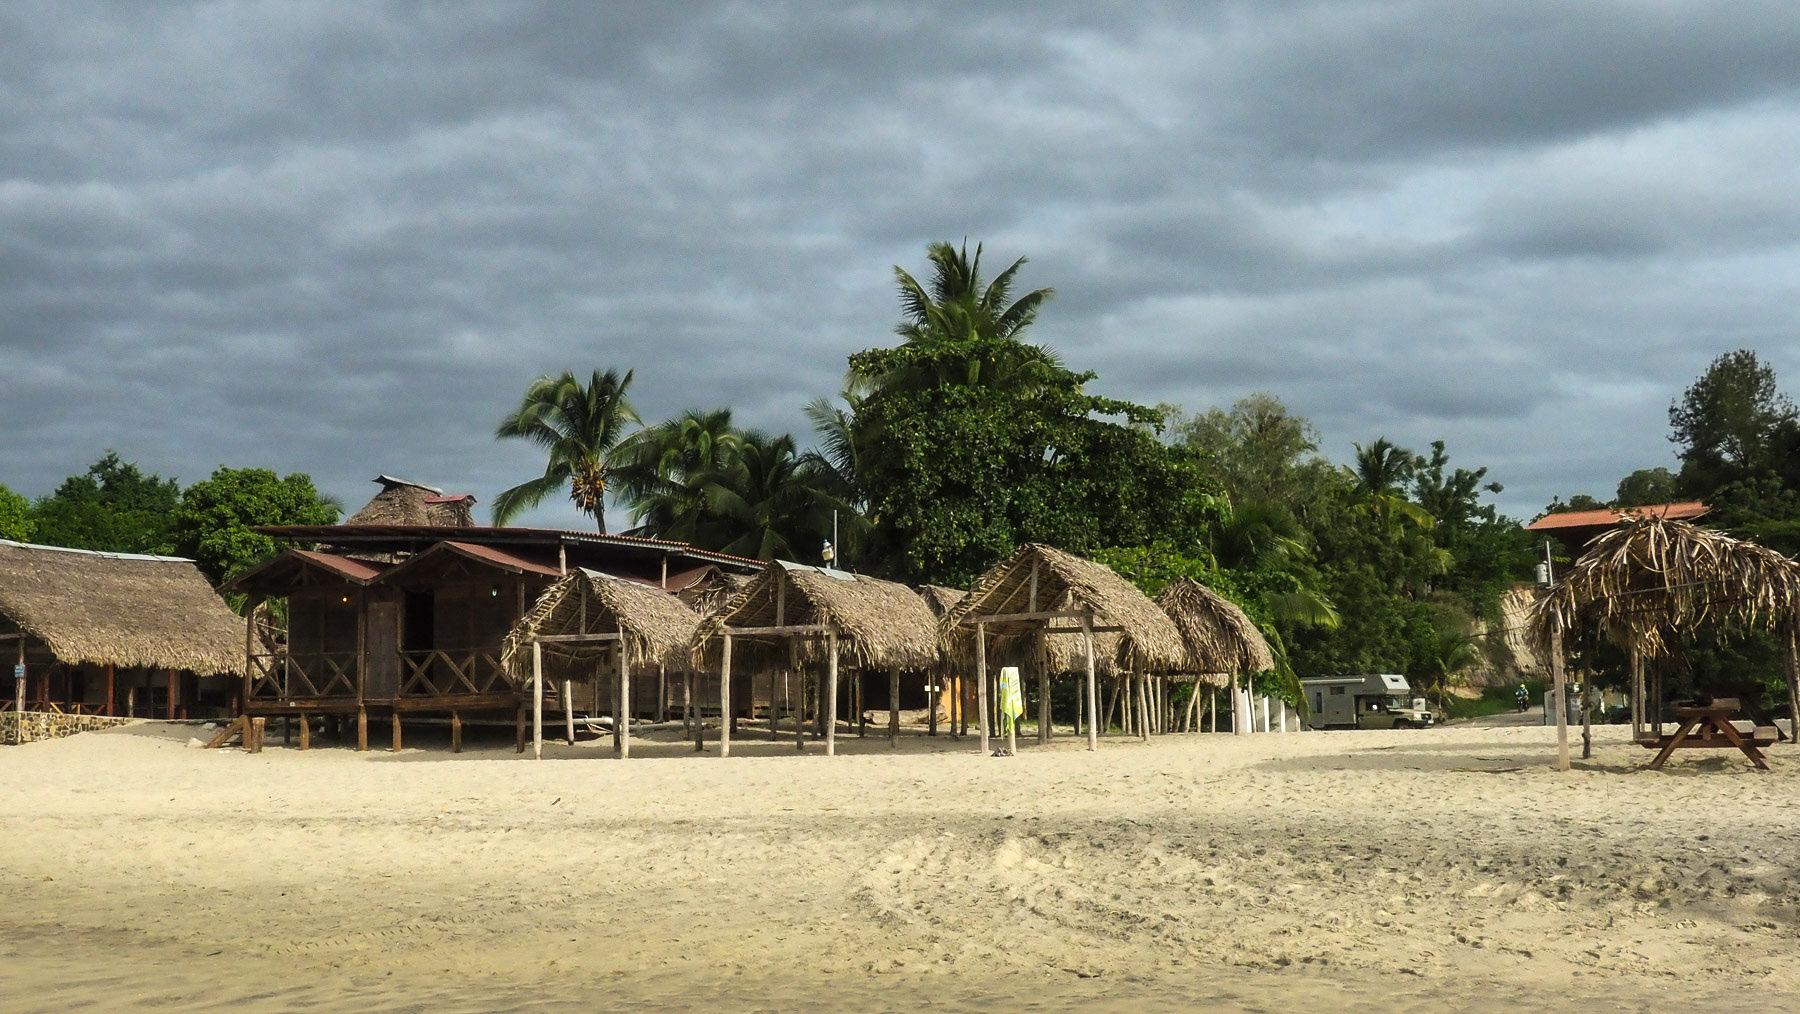 Hübsches Plätzchen direkt am Strand mit gutem Fischrestaurant